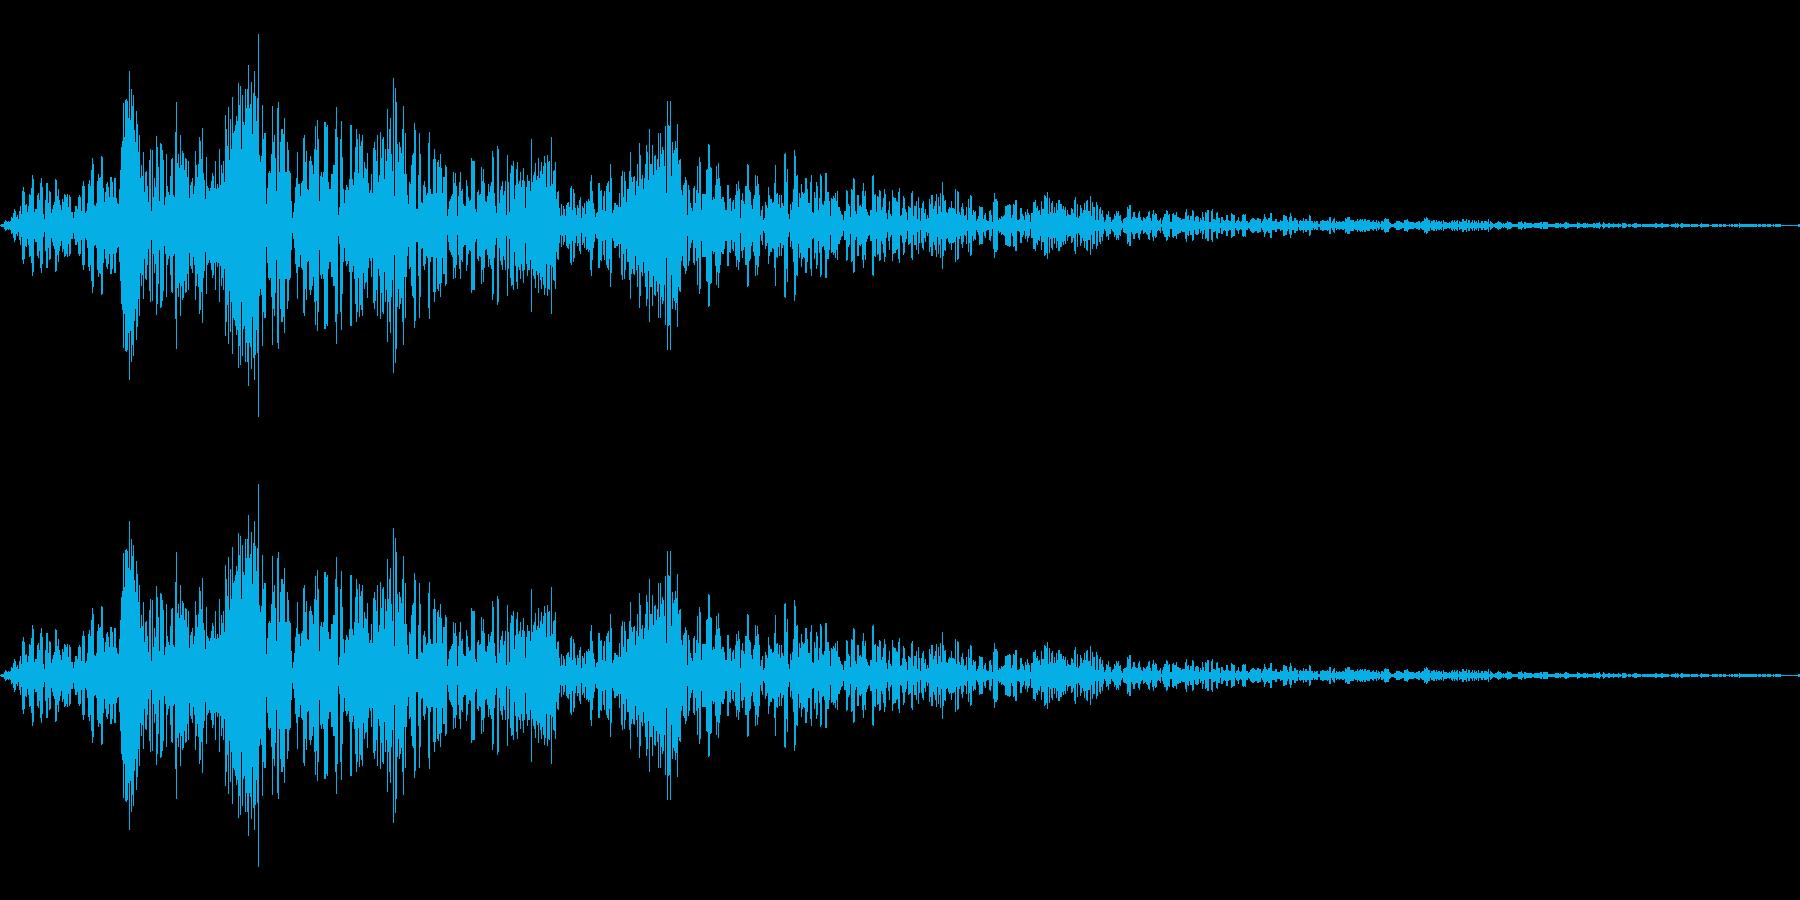 無機質な決定音の再生済みの波形